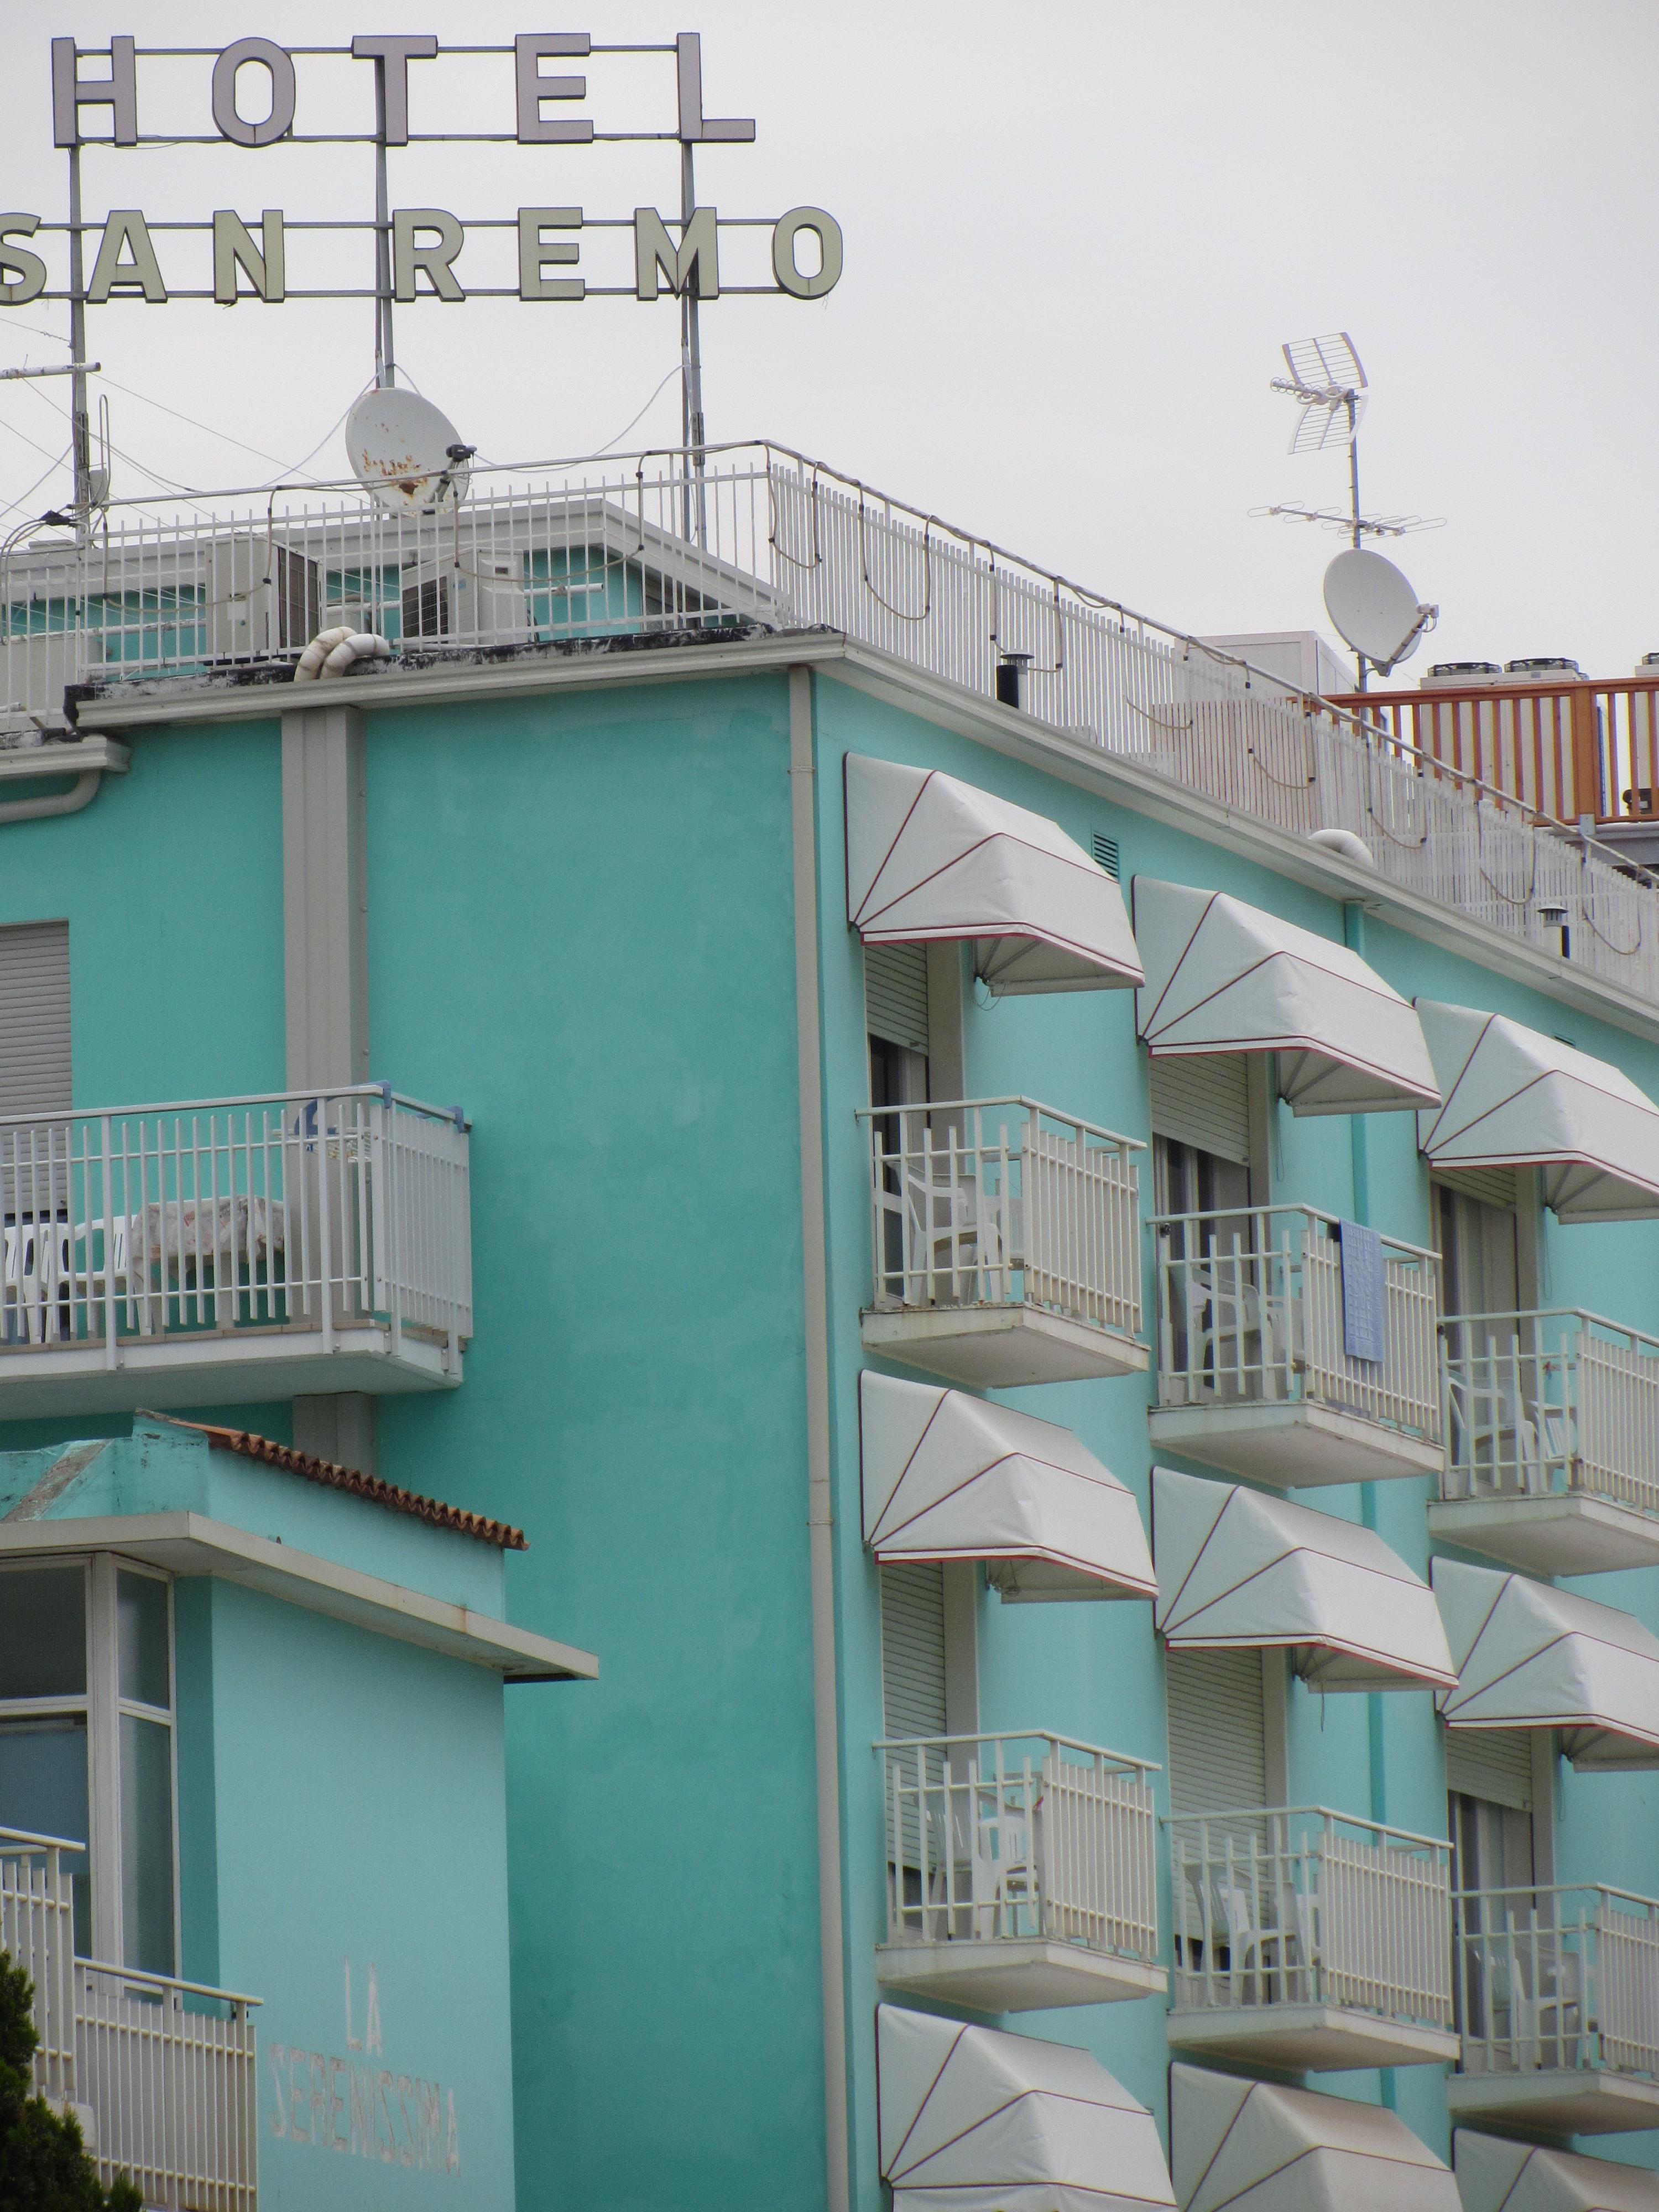 Free architecture house balcony holiday italy facade